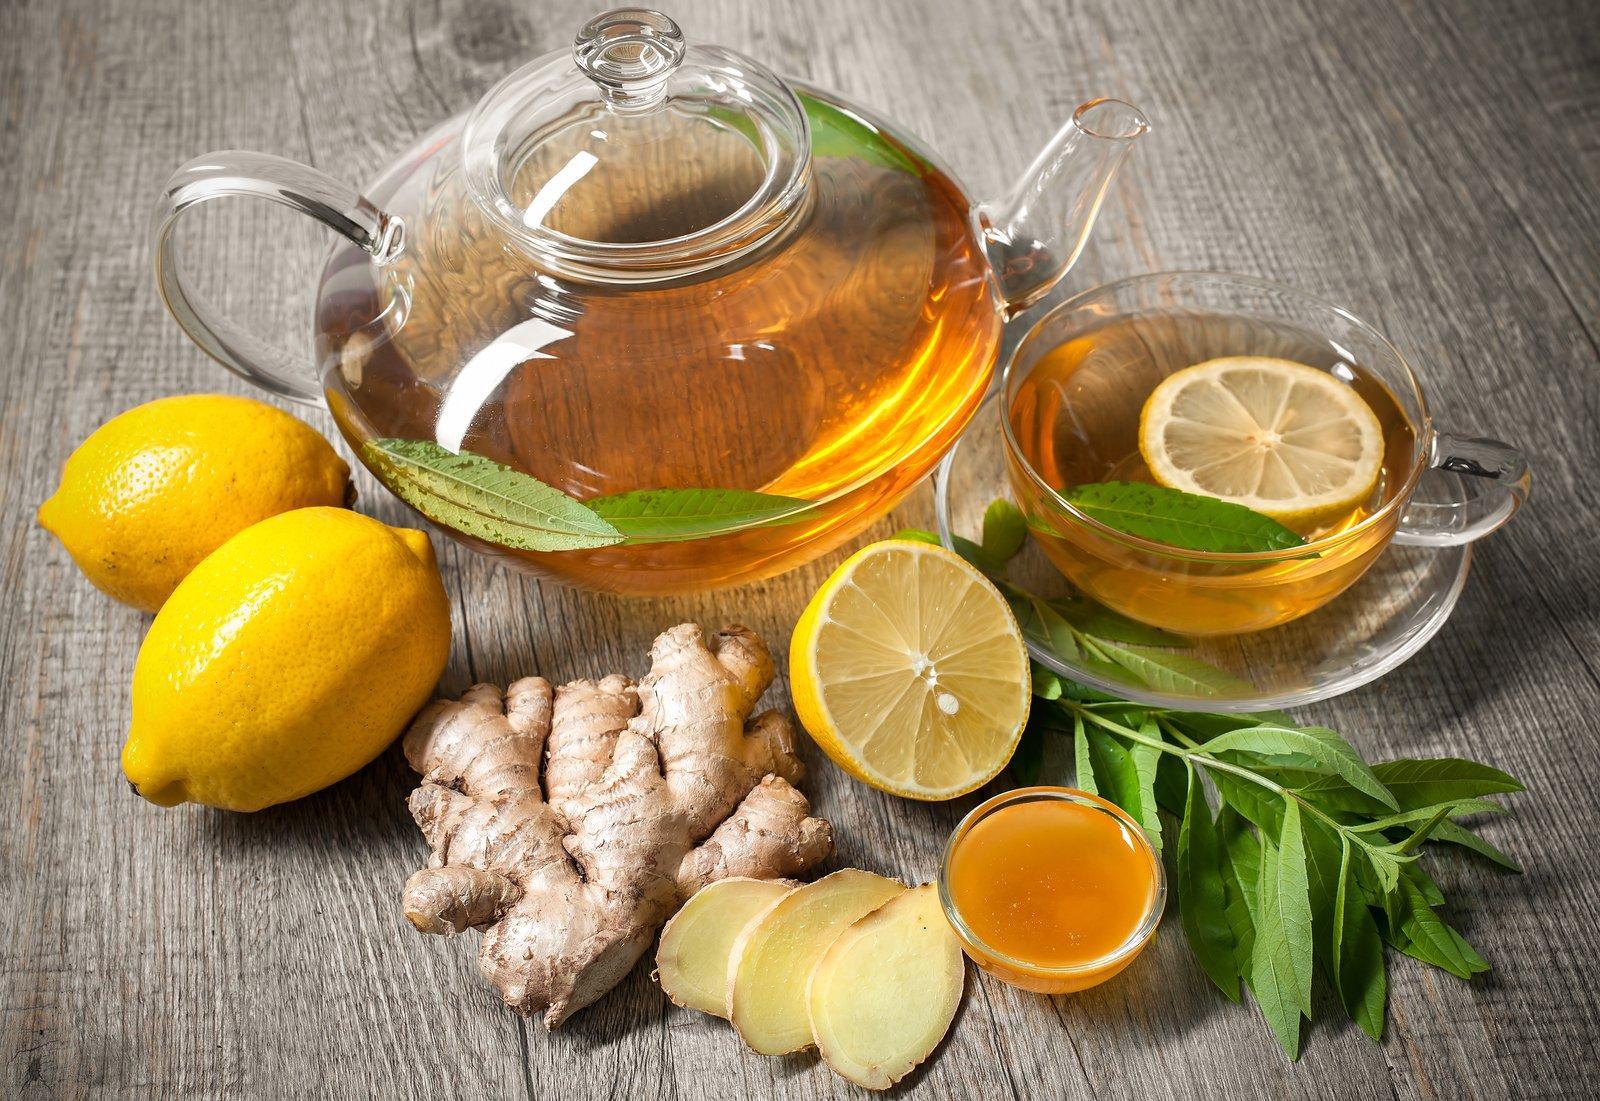 Detox Tea Recipes